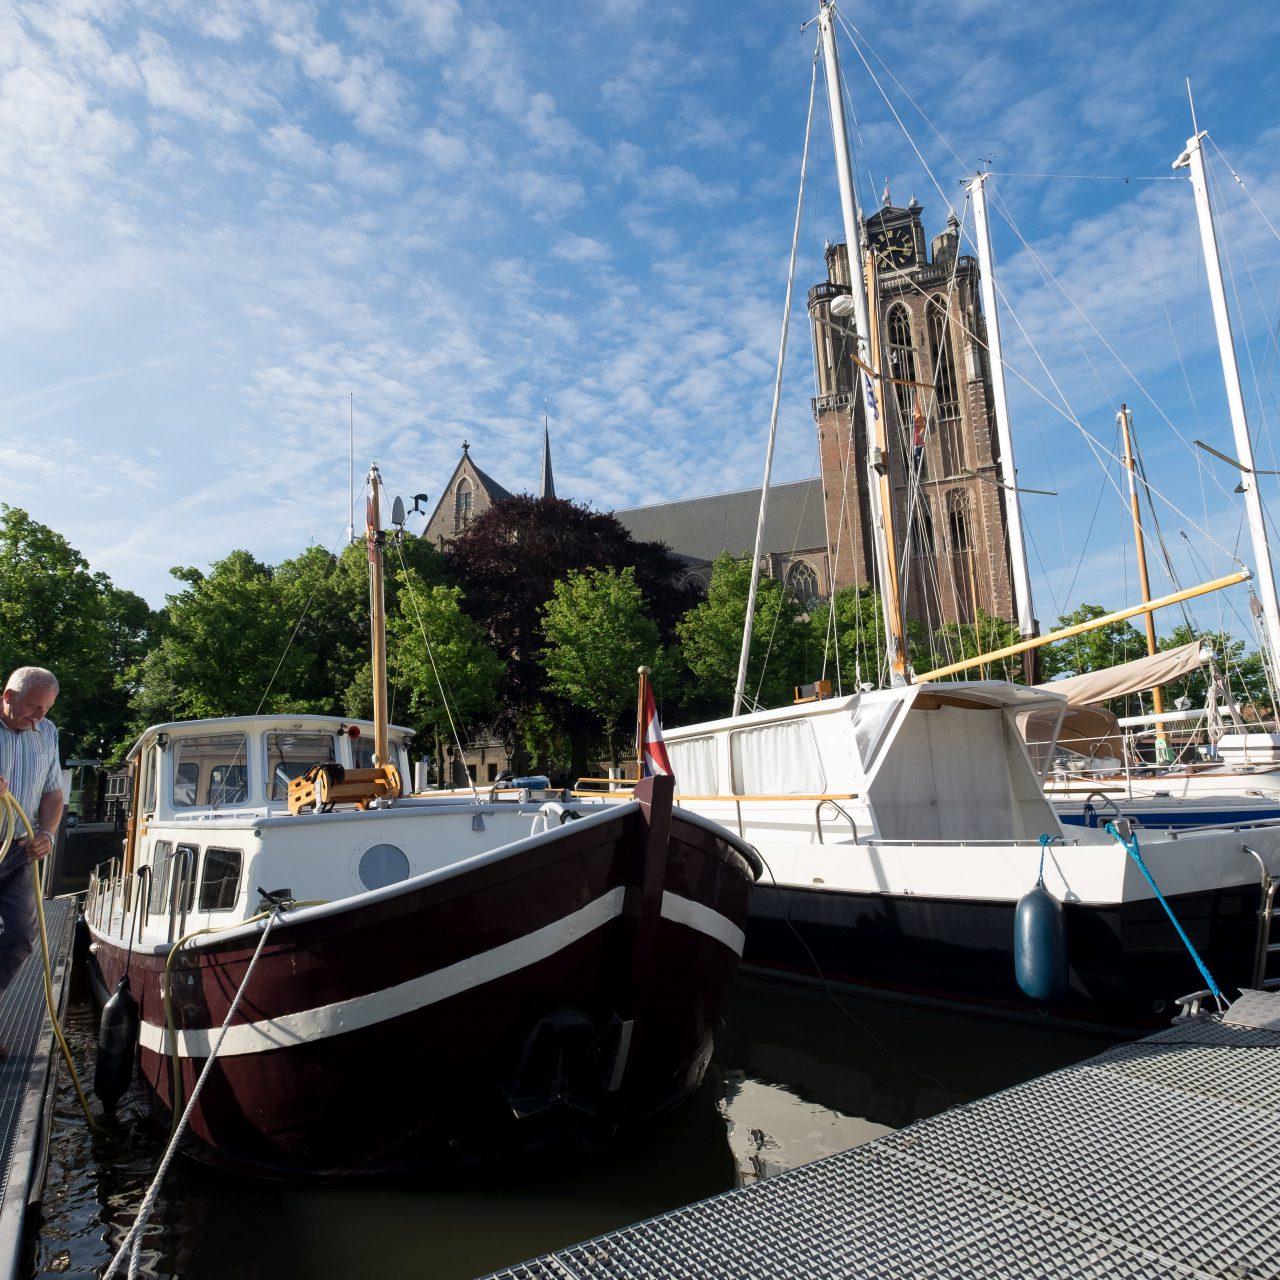 Dordrecht - stadsbeeld - Maartensgat - Grote Kerk - jachthaven - schipper - boot